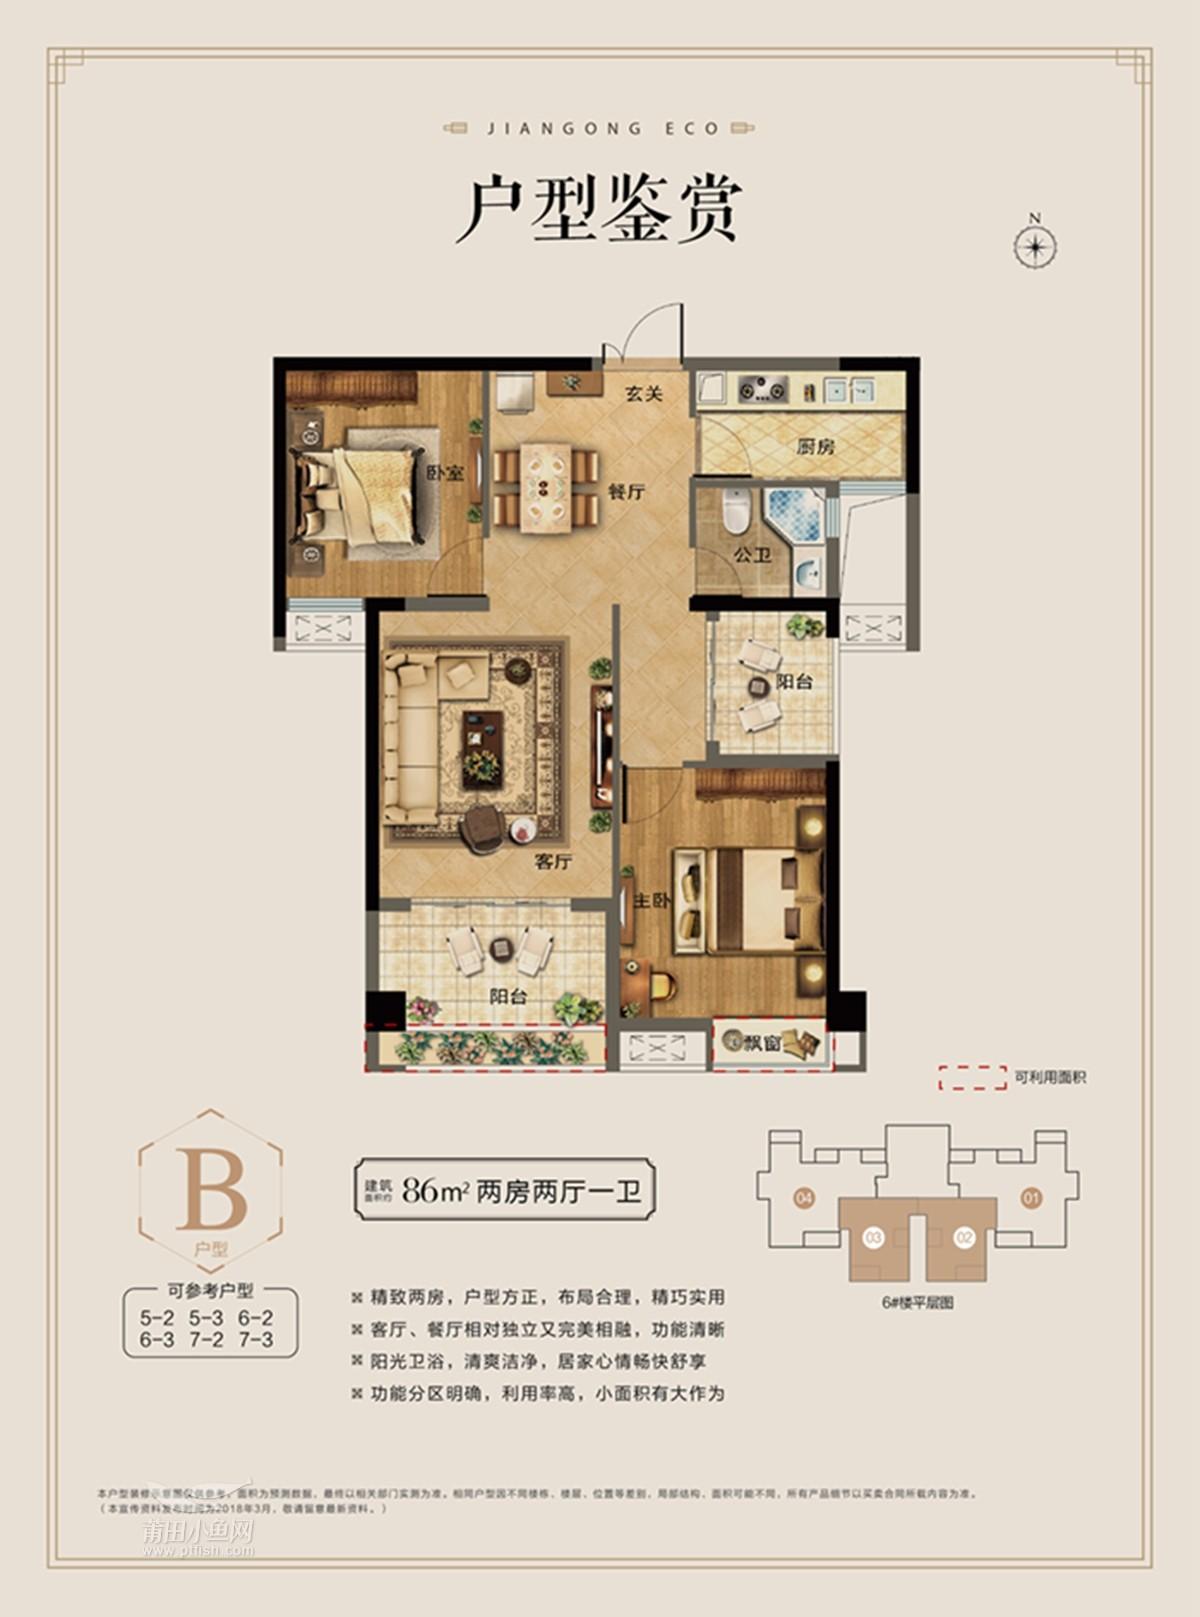 建工·ECO A、F地块   B户型建面约86㎡(2房2厅1卫)